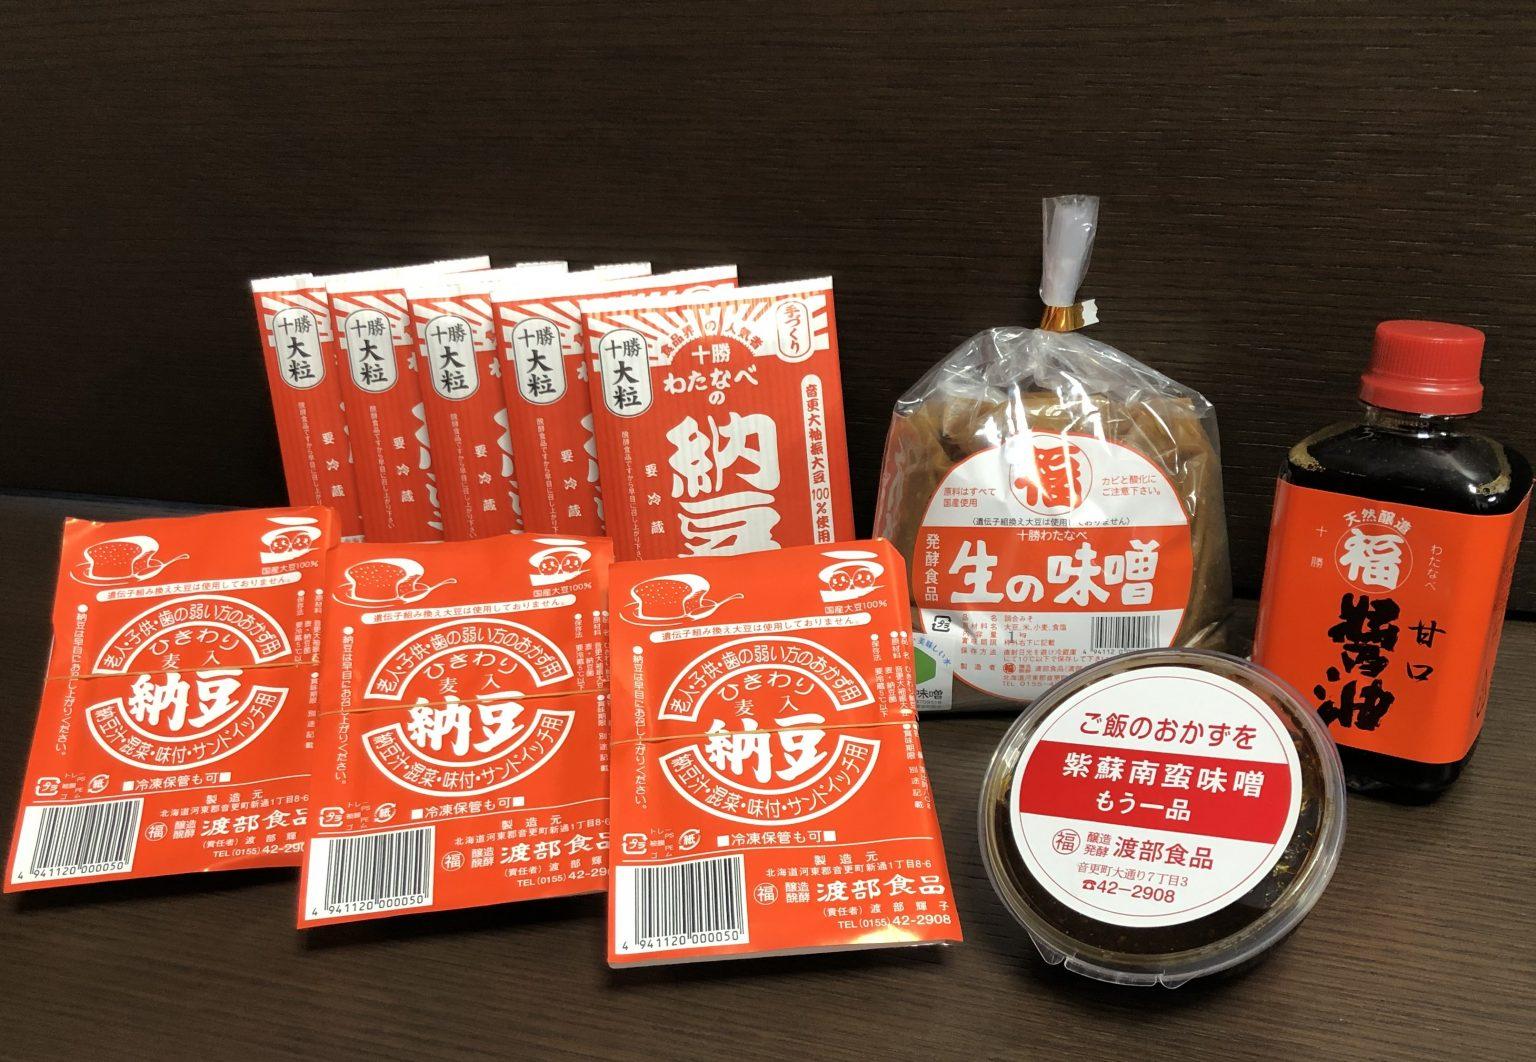 音更町の老舗・自然食品店の手作り納豆・味噌・醤油のセット